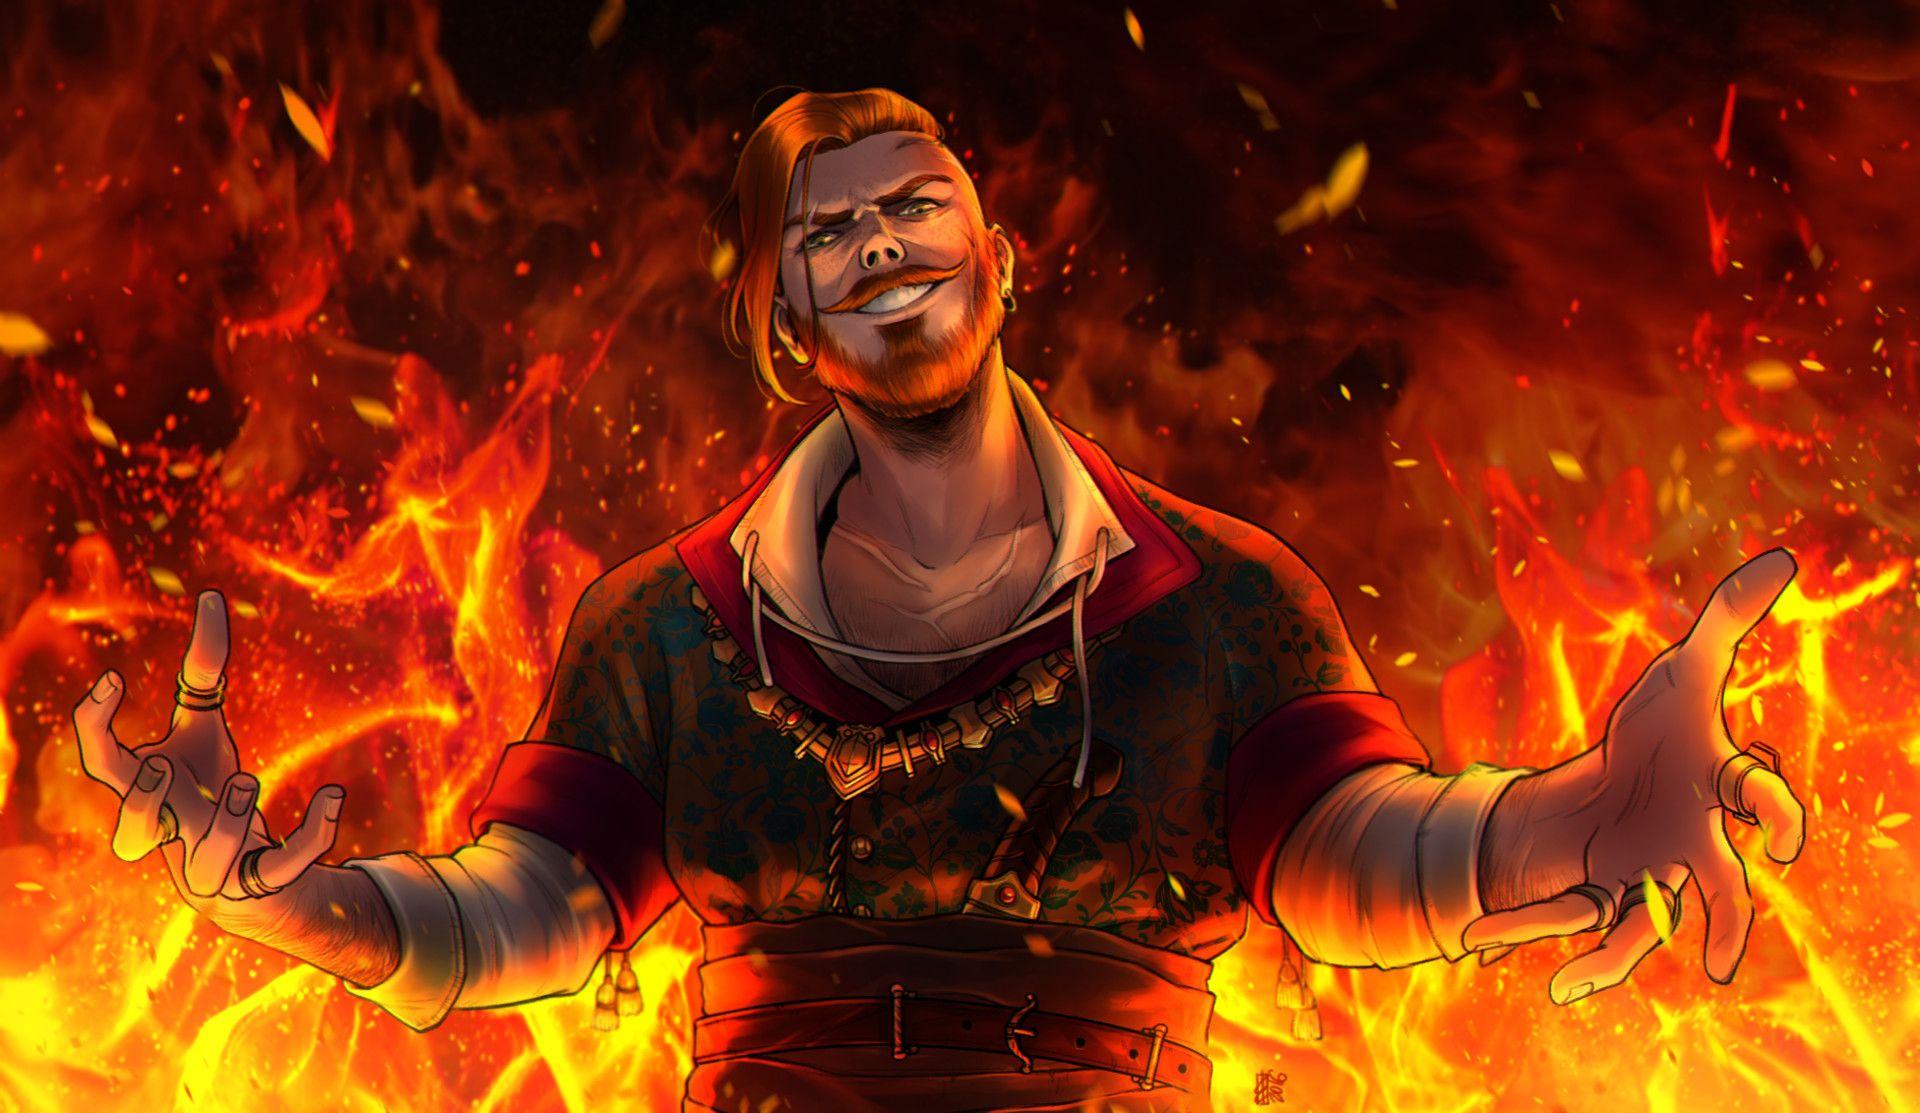 Olgierd Von Everec By Irina Metsu Thewitcher3 Ps4 Wildhunt Ps4share Games Gaming Thewitcher Thewitcher3w In 2020 The Witcher The Witcher Books The Witcher Game